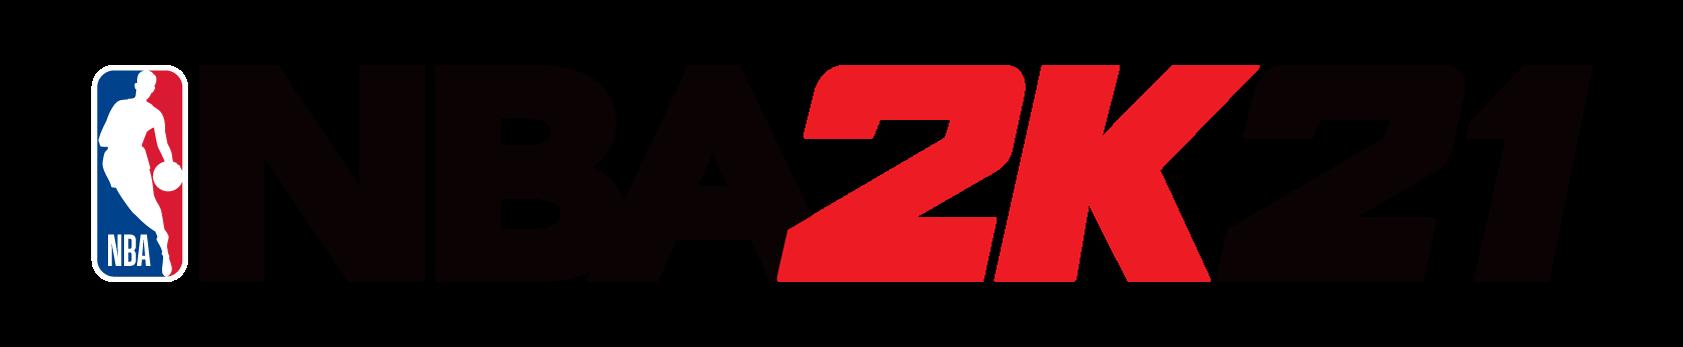 NBA-2K21-Logo